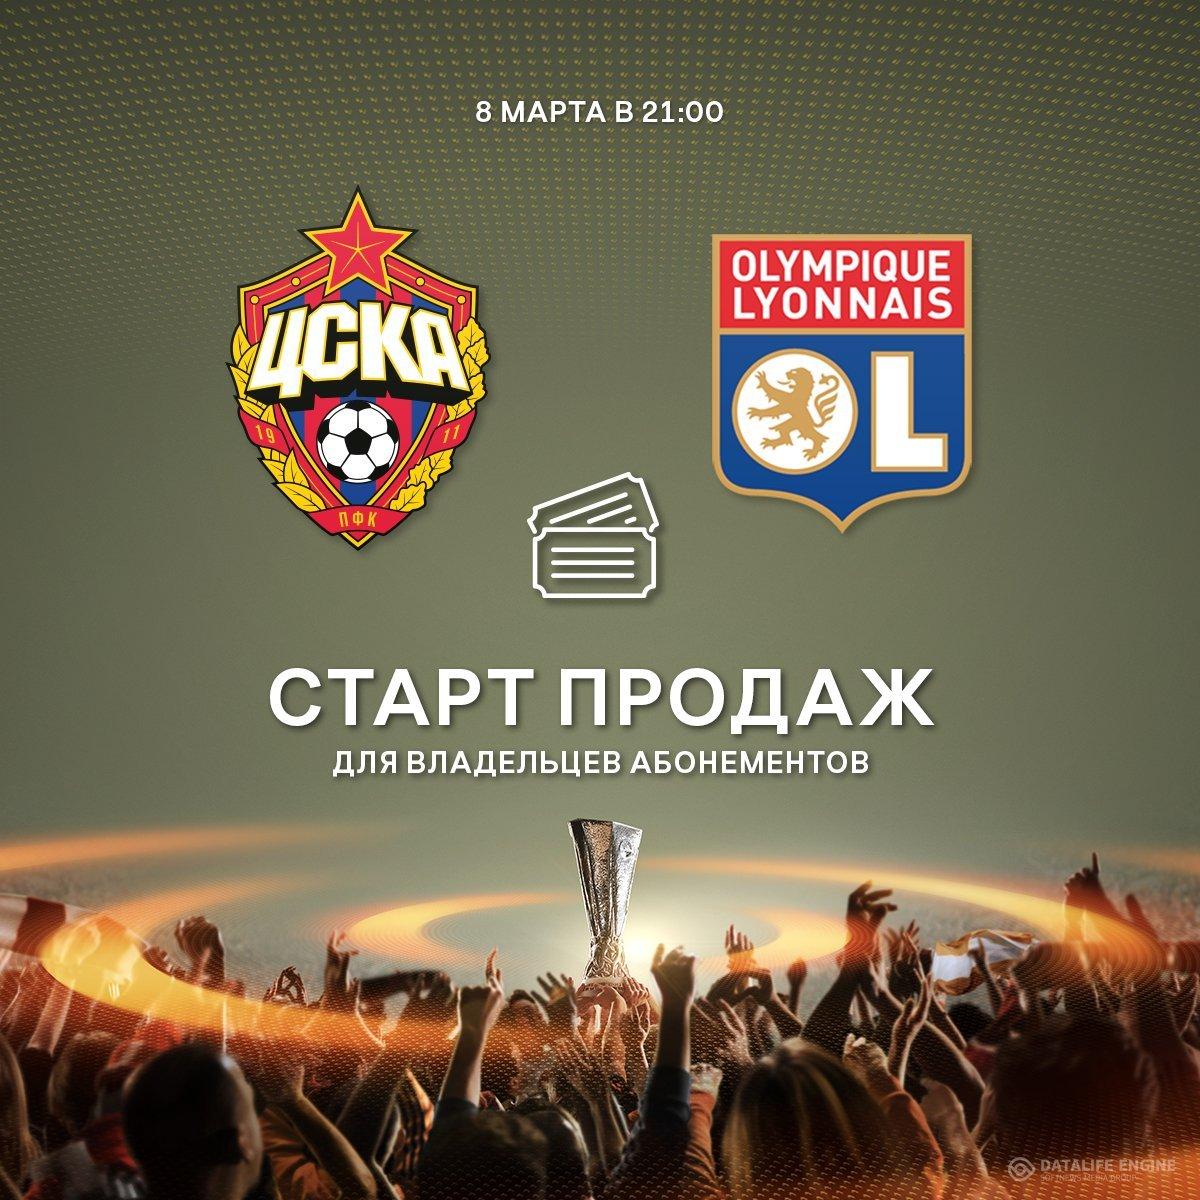 Купить билеты на футбол ЦСКА - Лион